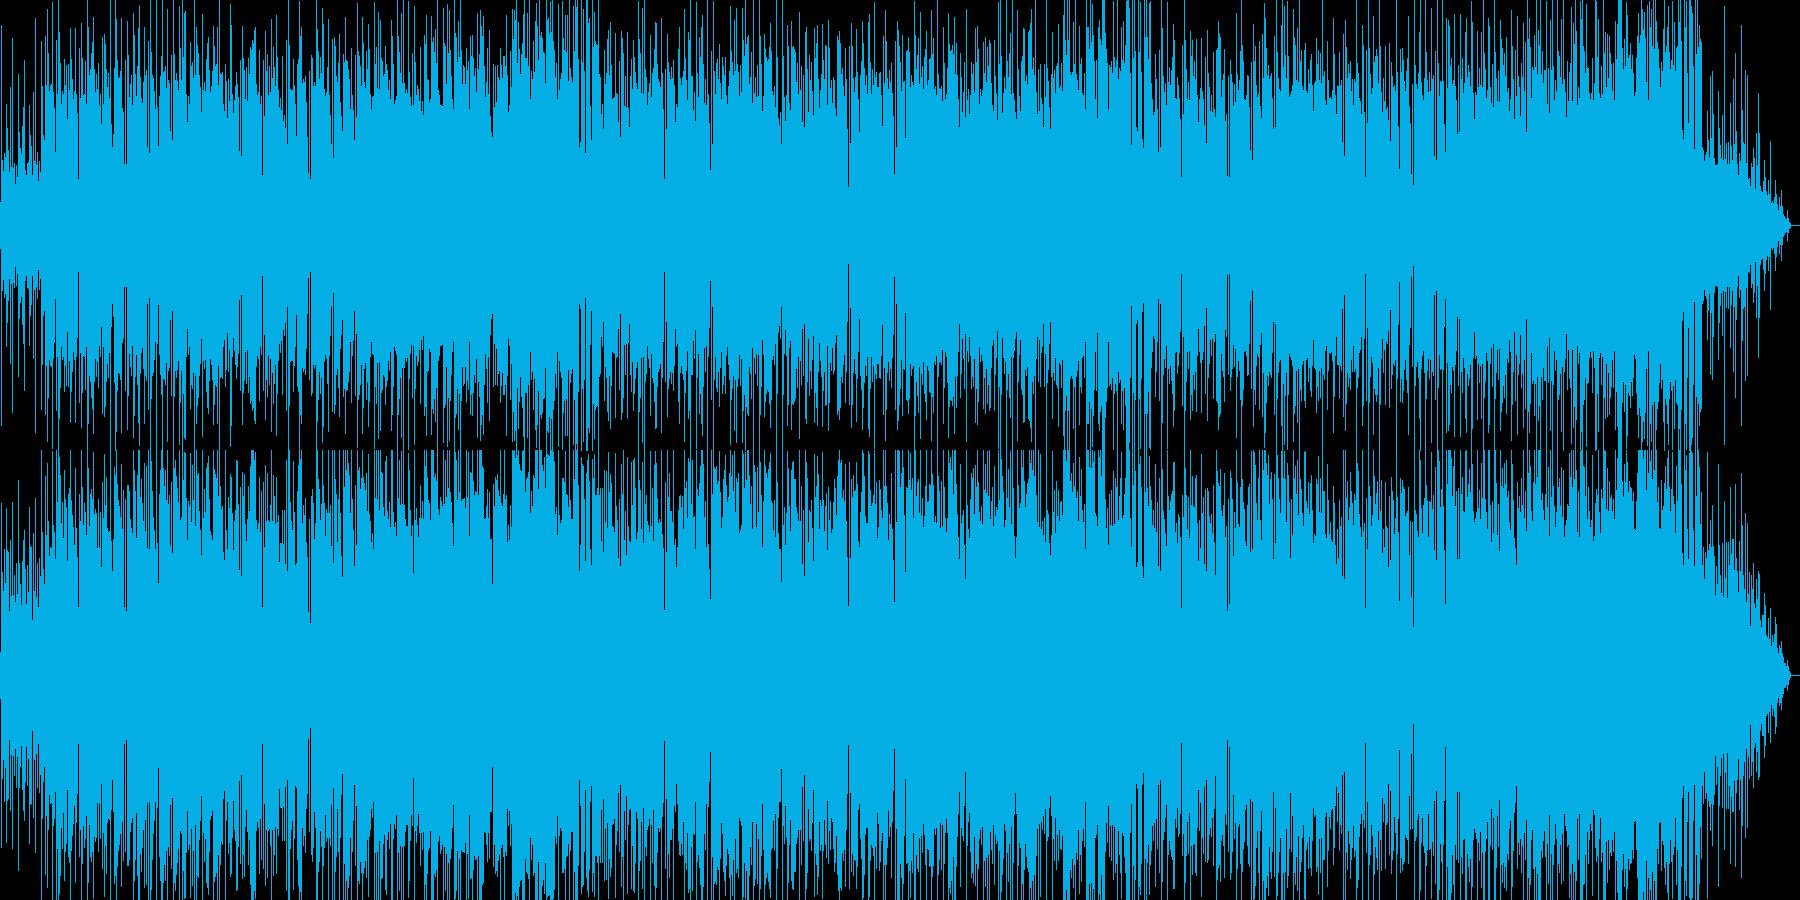 メロディアスなバラード曲の再生済みの波形